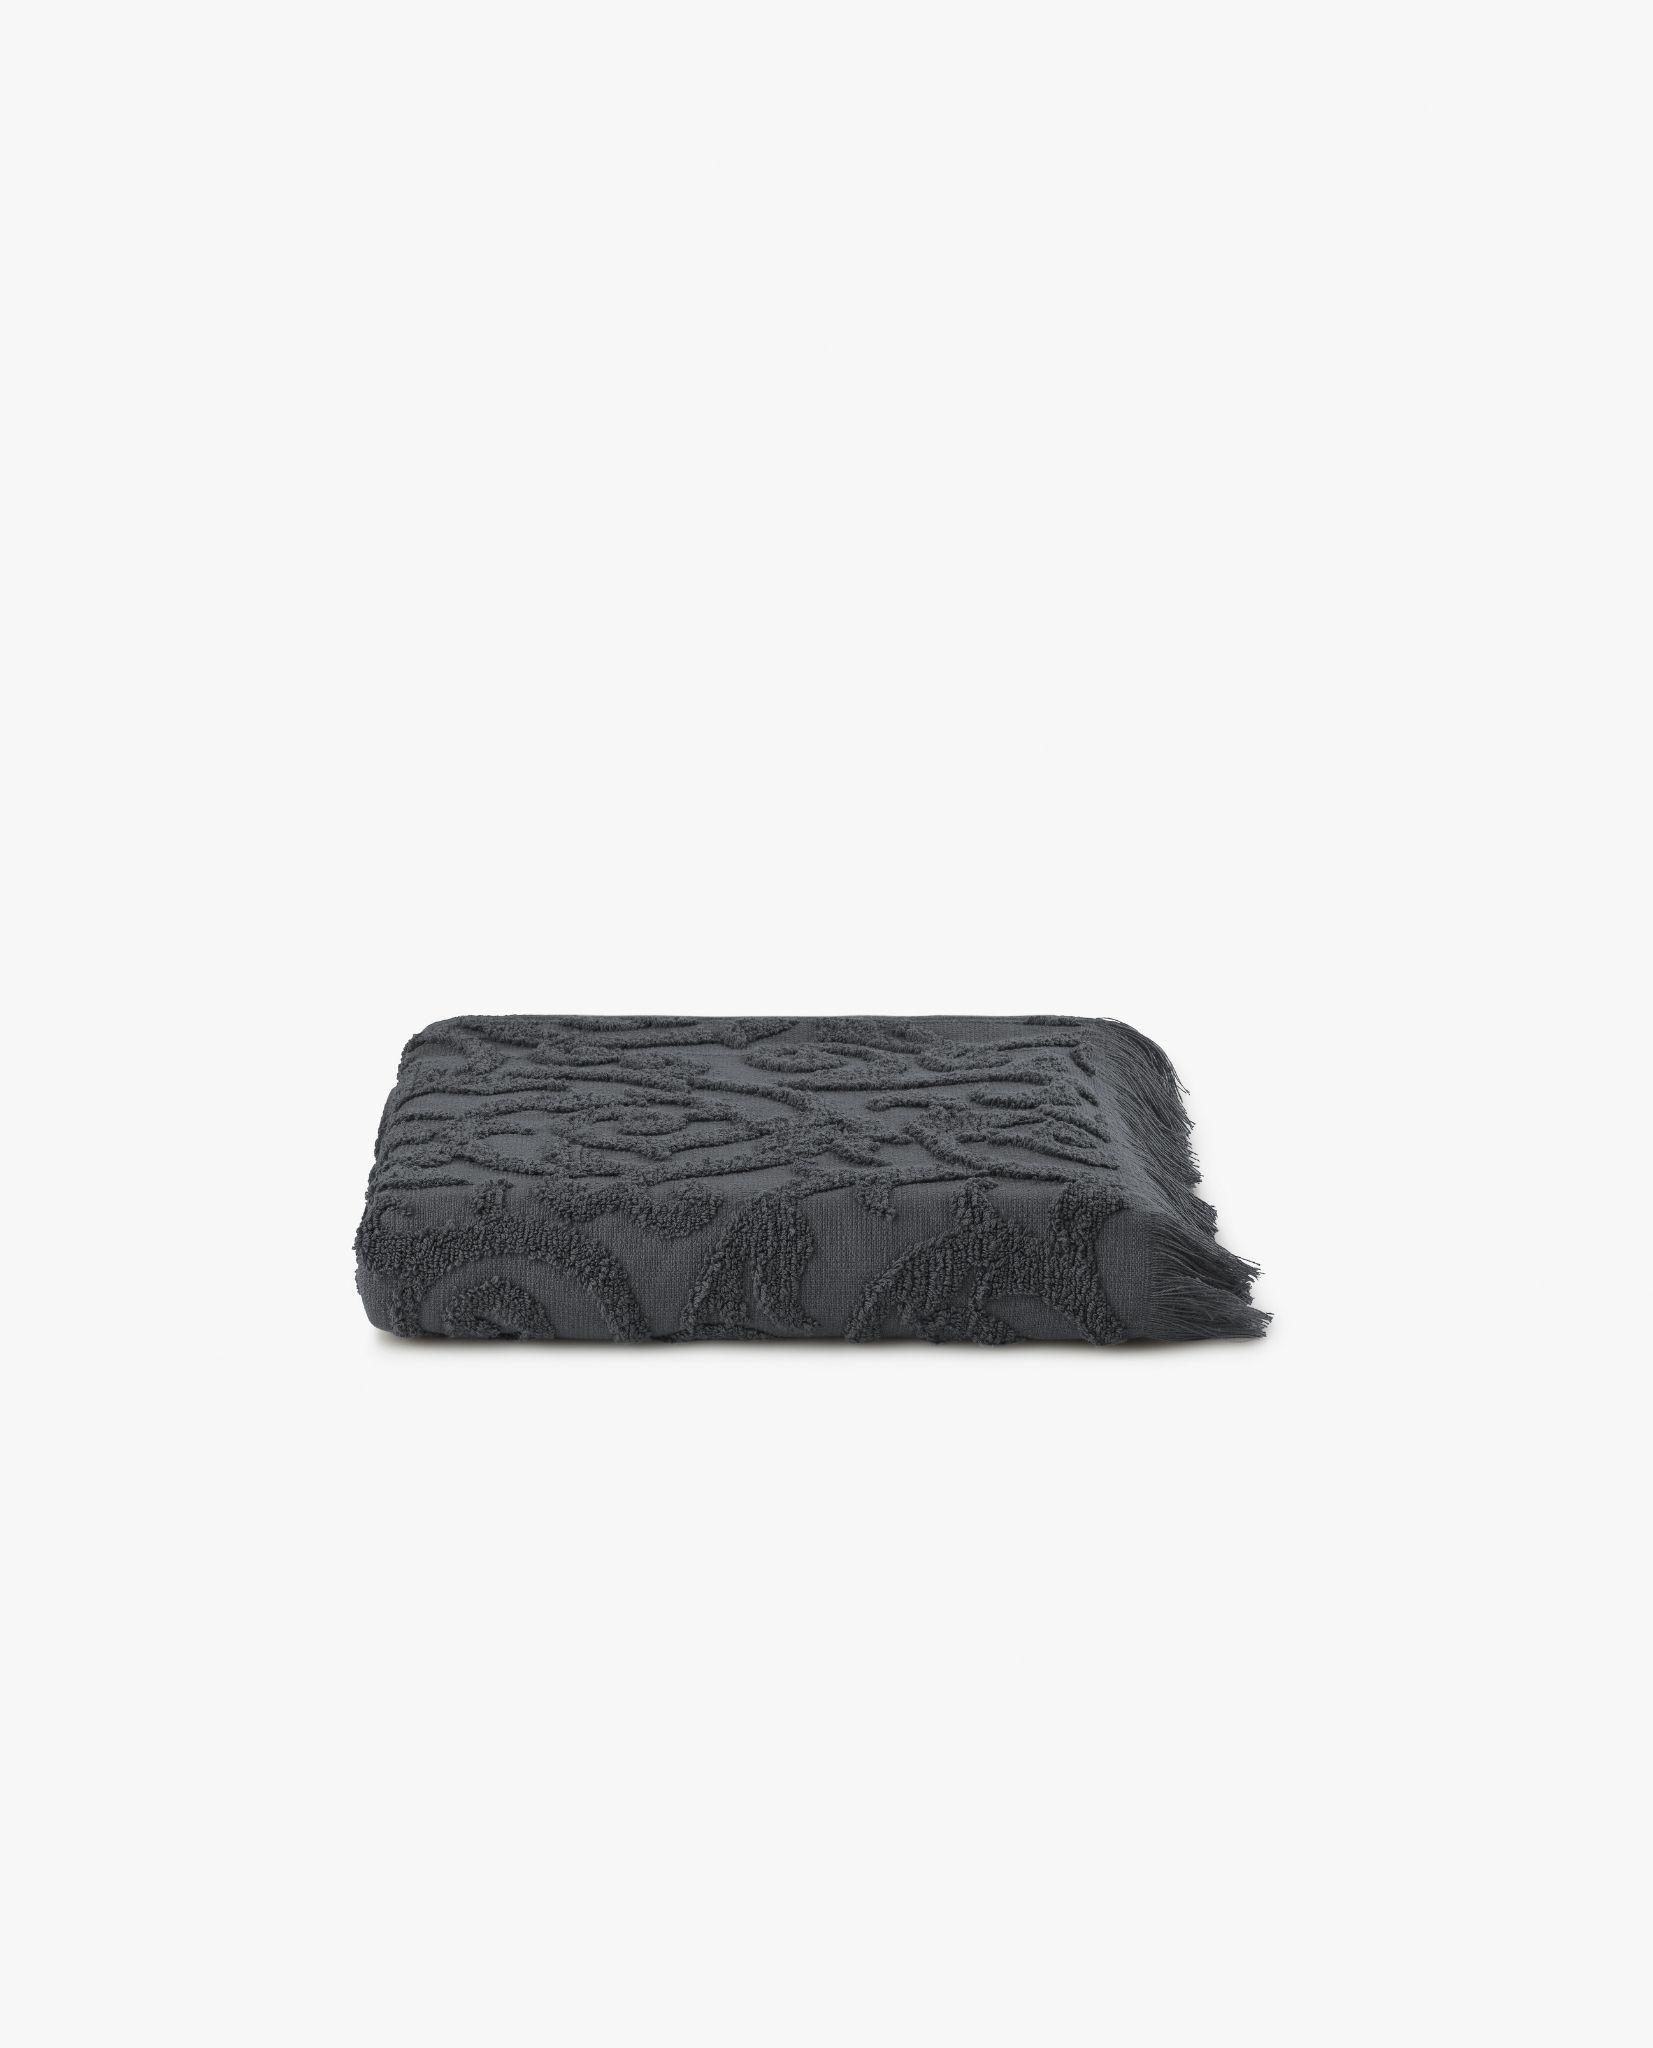 toalha de rosto com tecido cor cinza